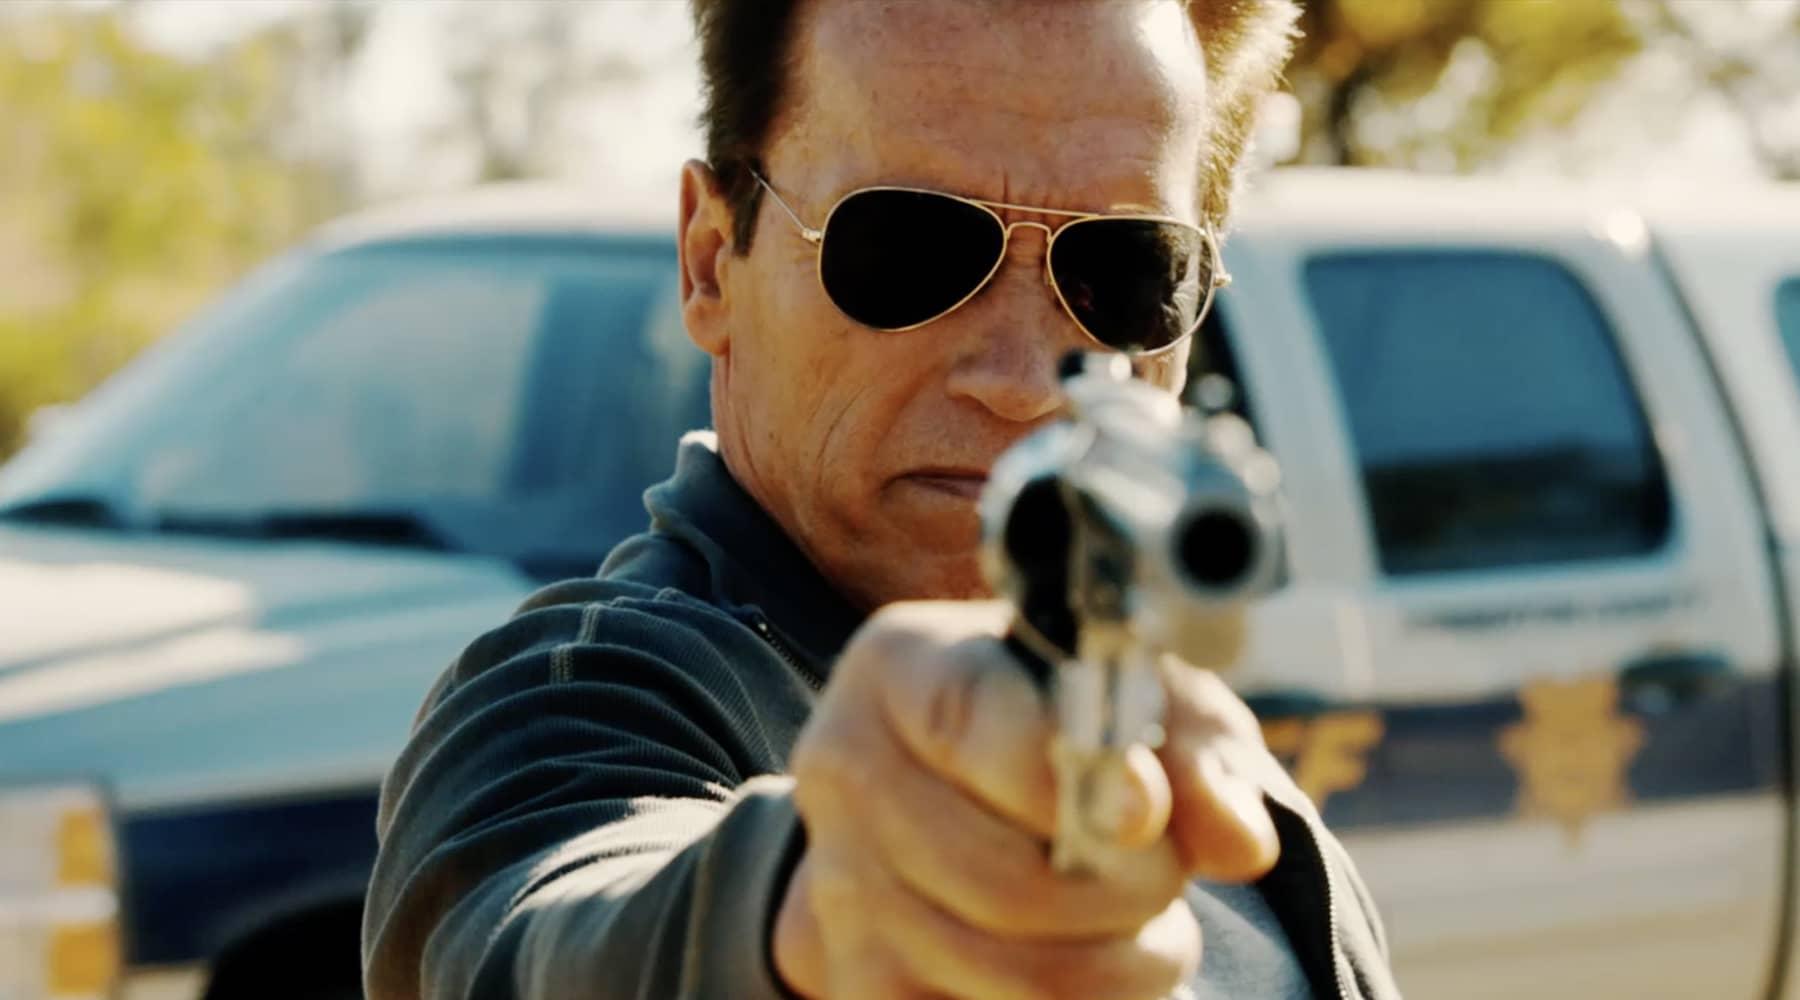 Film4: Films From 9 - Arnold Schwarzenegger | Promo